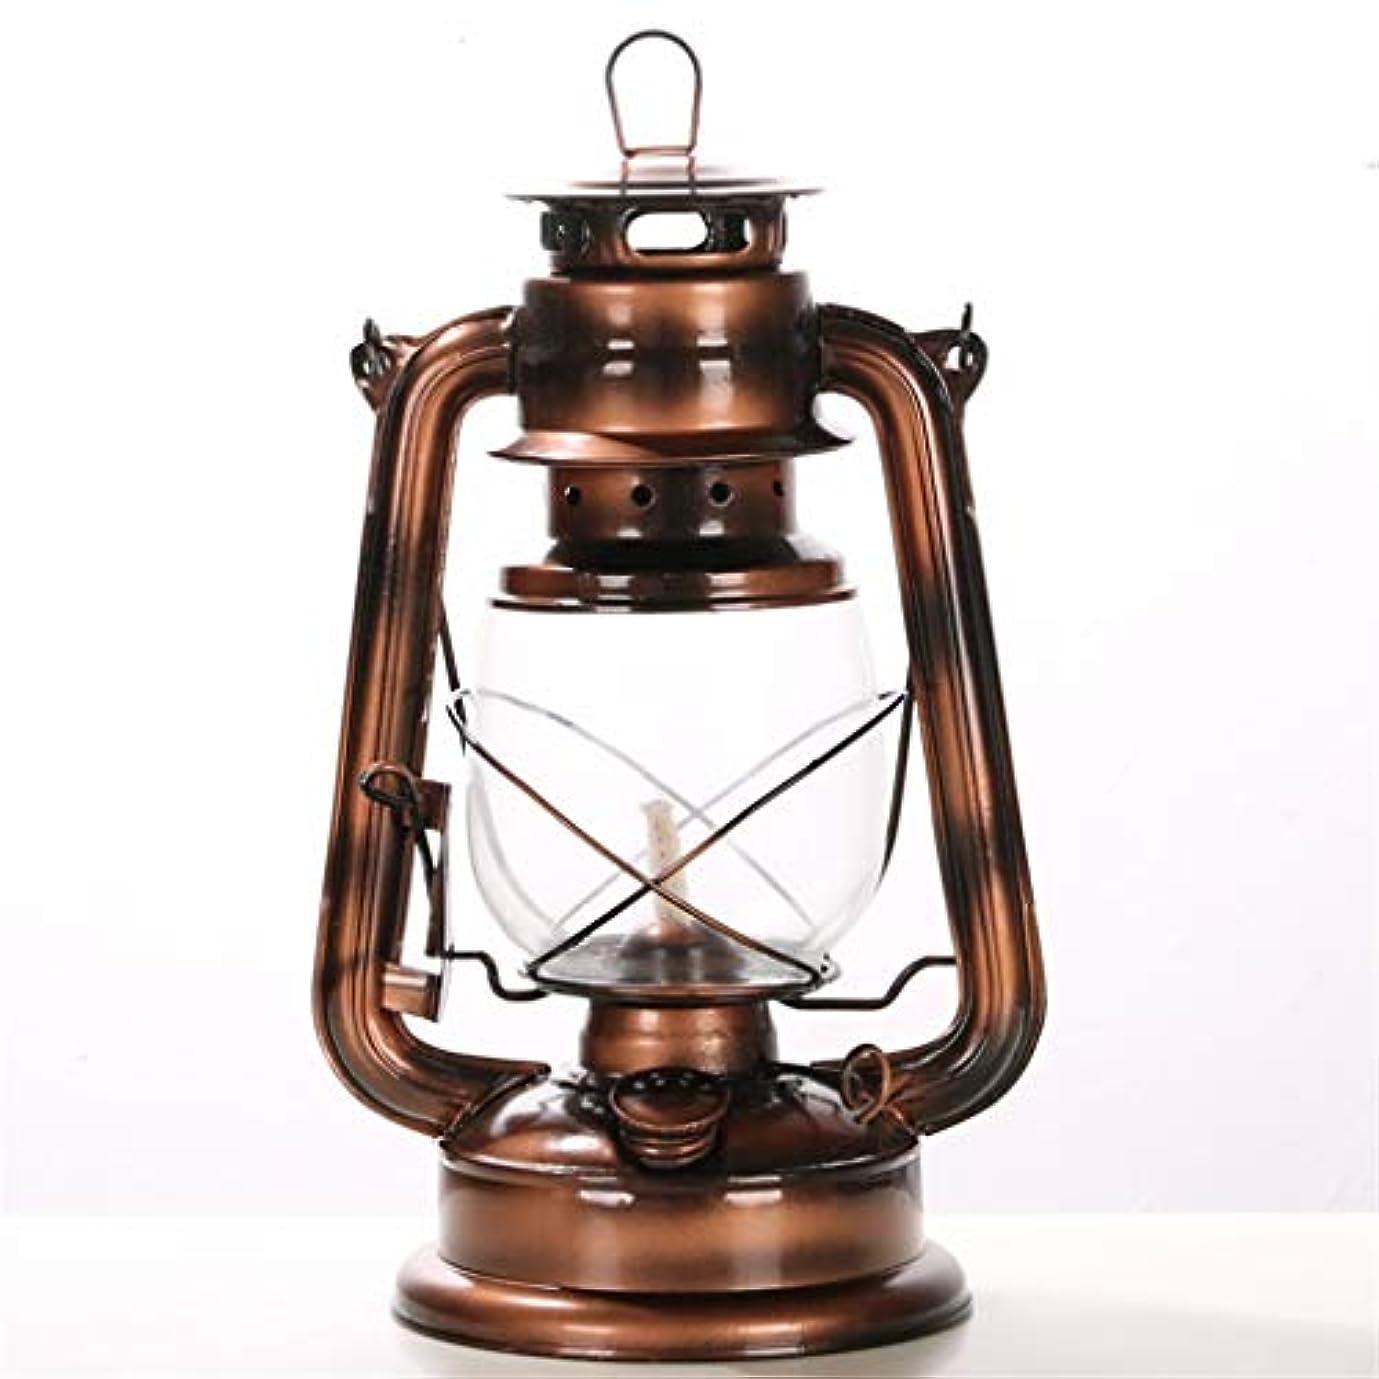 ティーンエイジャー無力財布レトロオイルランプ/灯油ランプ、28 cmヴィンテージランドキャンプランプ/馬ランプ、農場に適した装飾ウィンドランプ、キャンプ(コーヒー色)